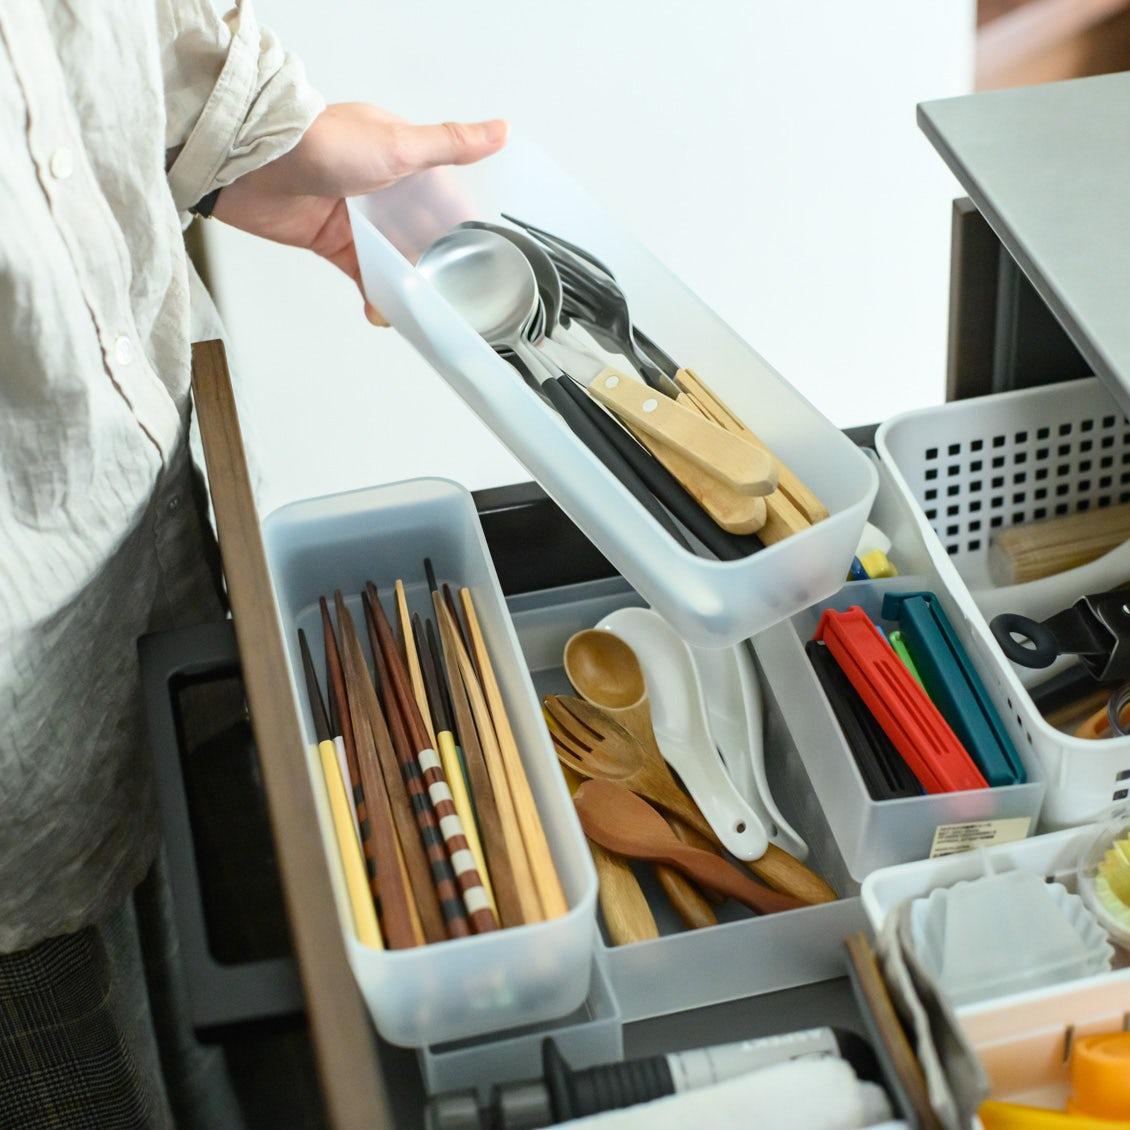 【来年の私をラクにする大掃除】第2話:料理も洗い物もスムーズに!キッチンツールを見直す3つのポイント